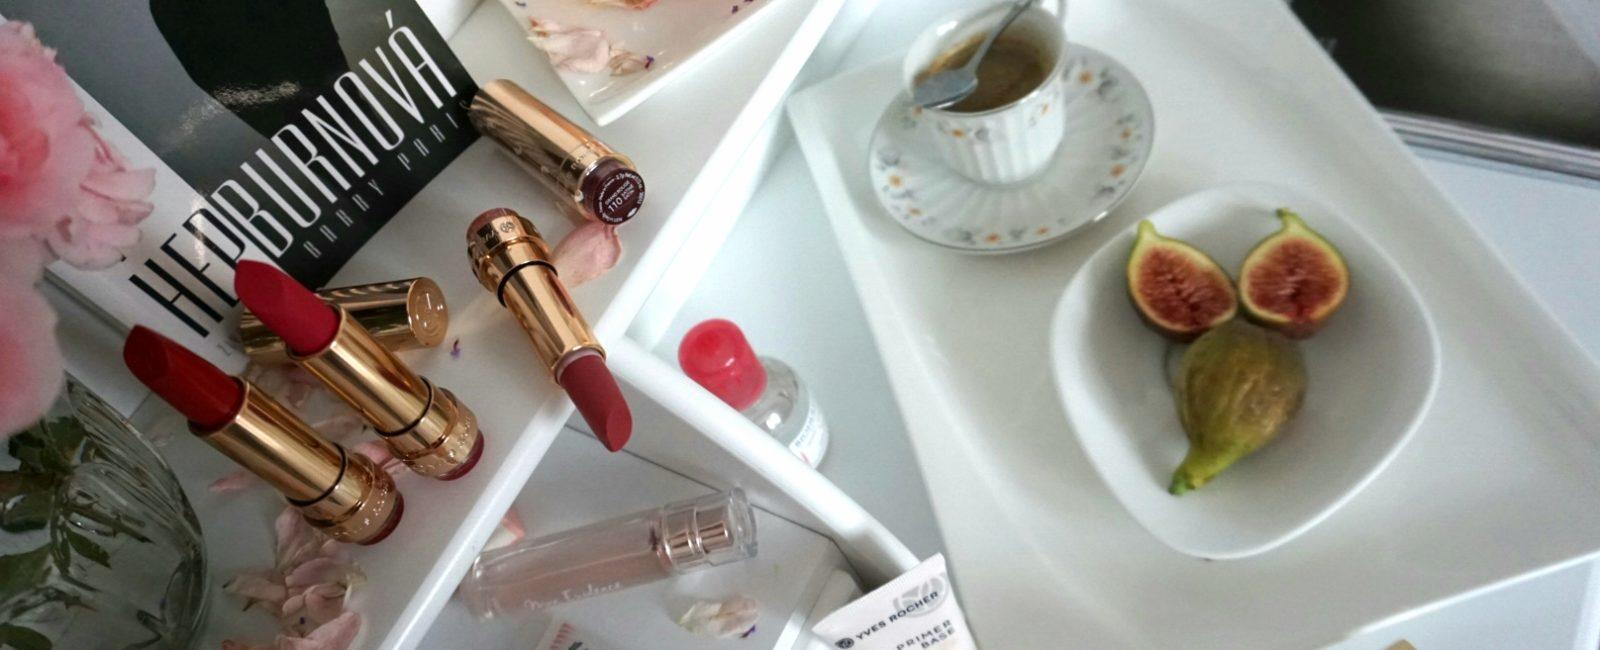 Rozkošné darčeky môžu byť aj luxusné aj cenovo lákavé